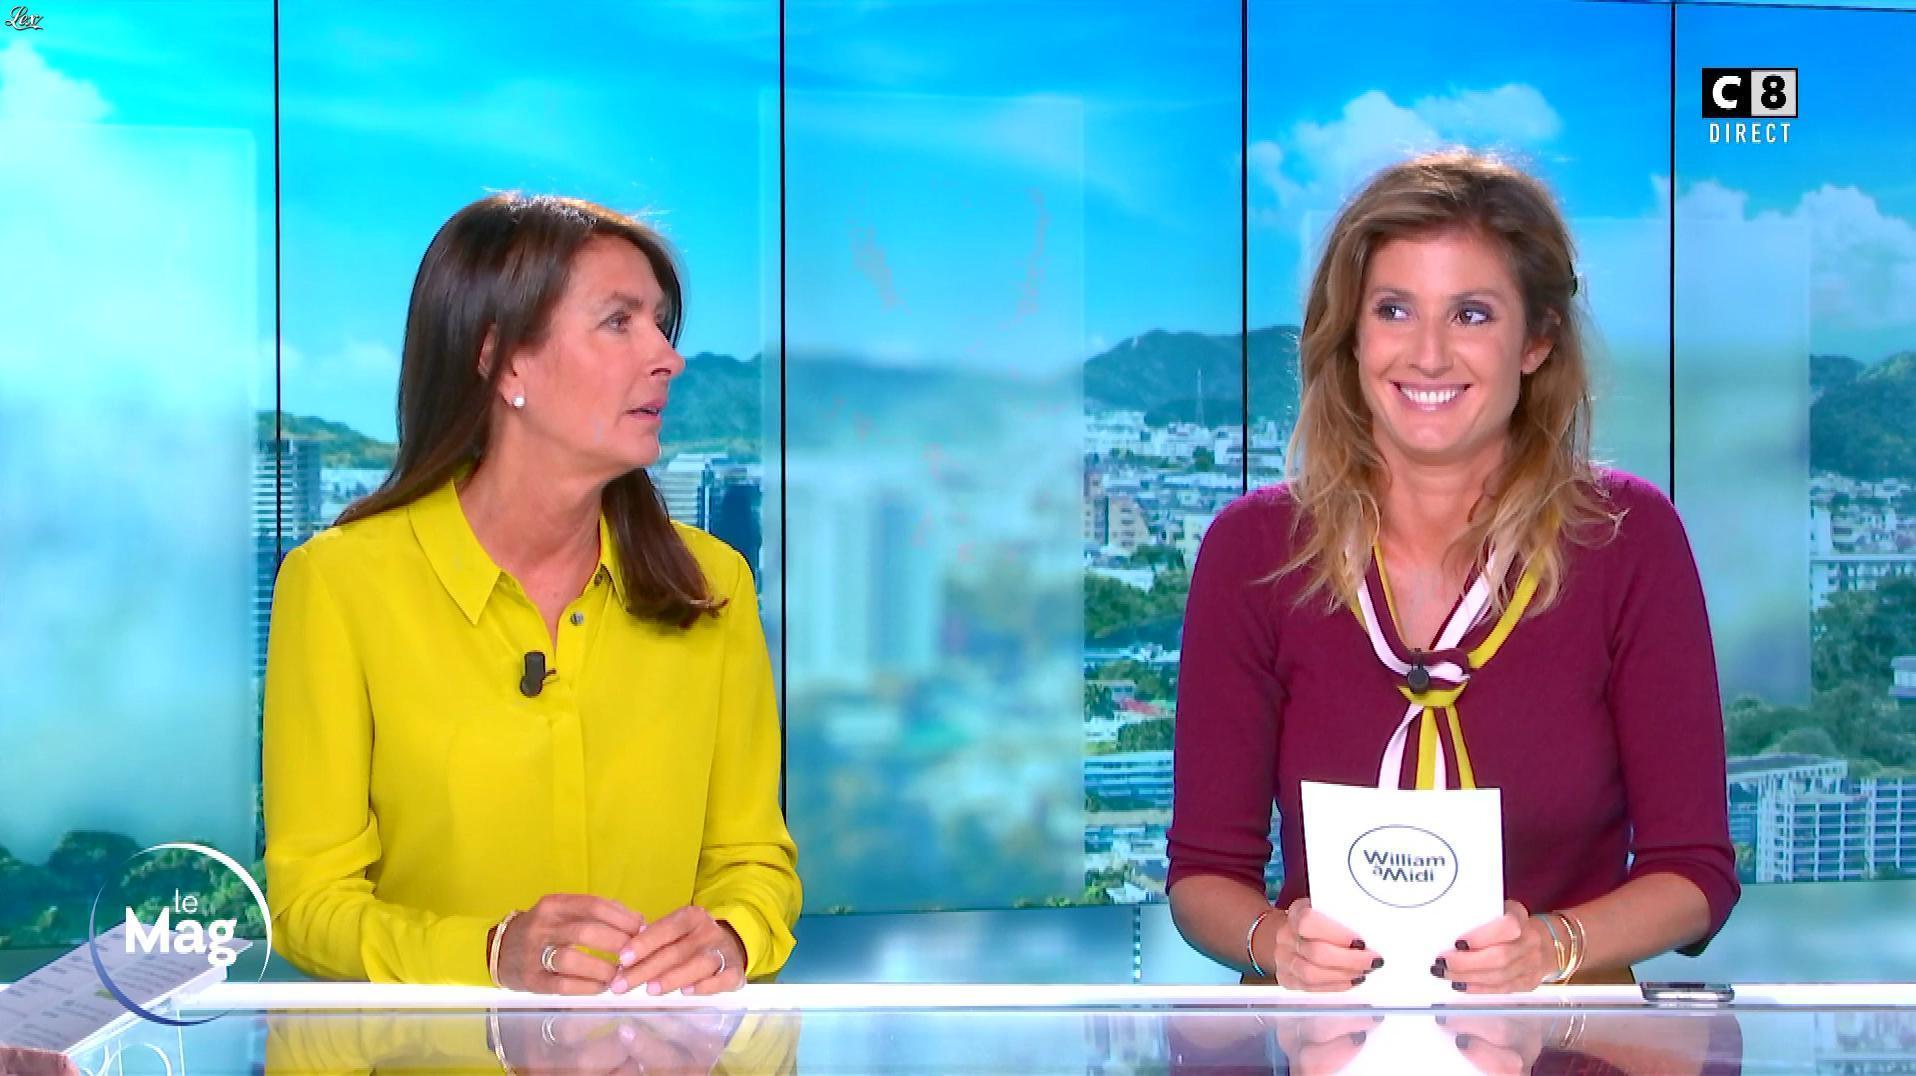 Caroline Ithurbide dans William à Midi. Diffusé à la télévision le 18/09/18.